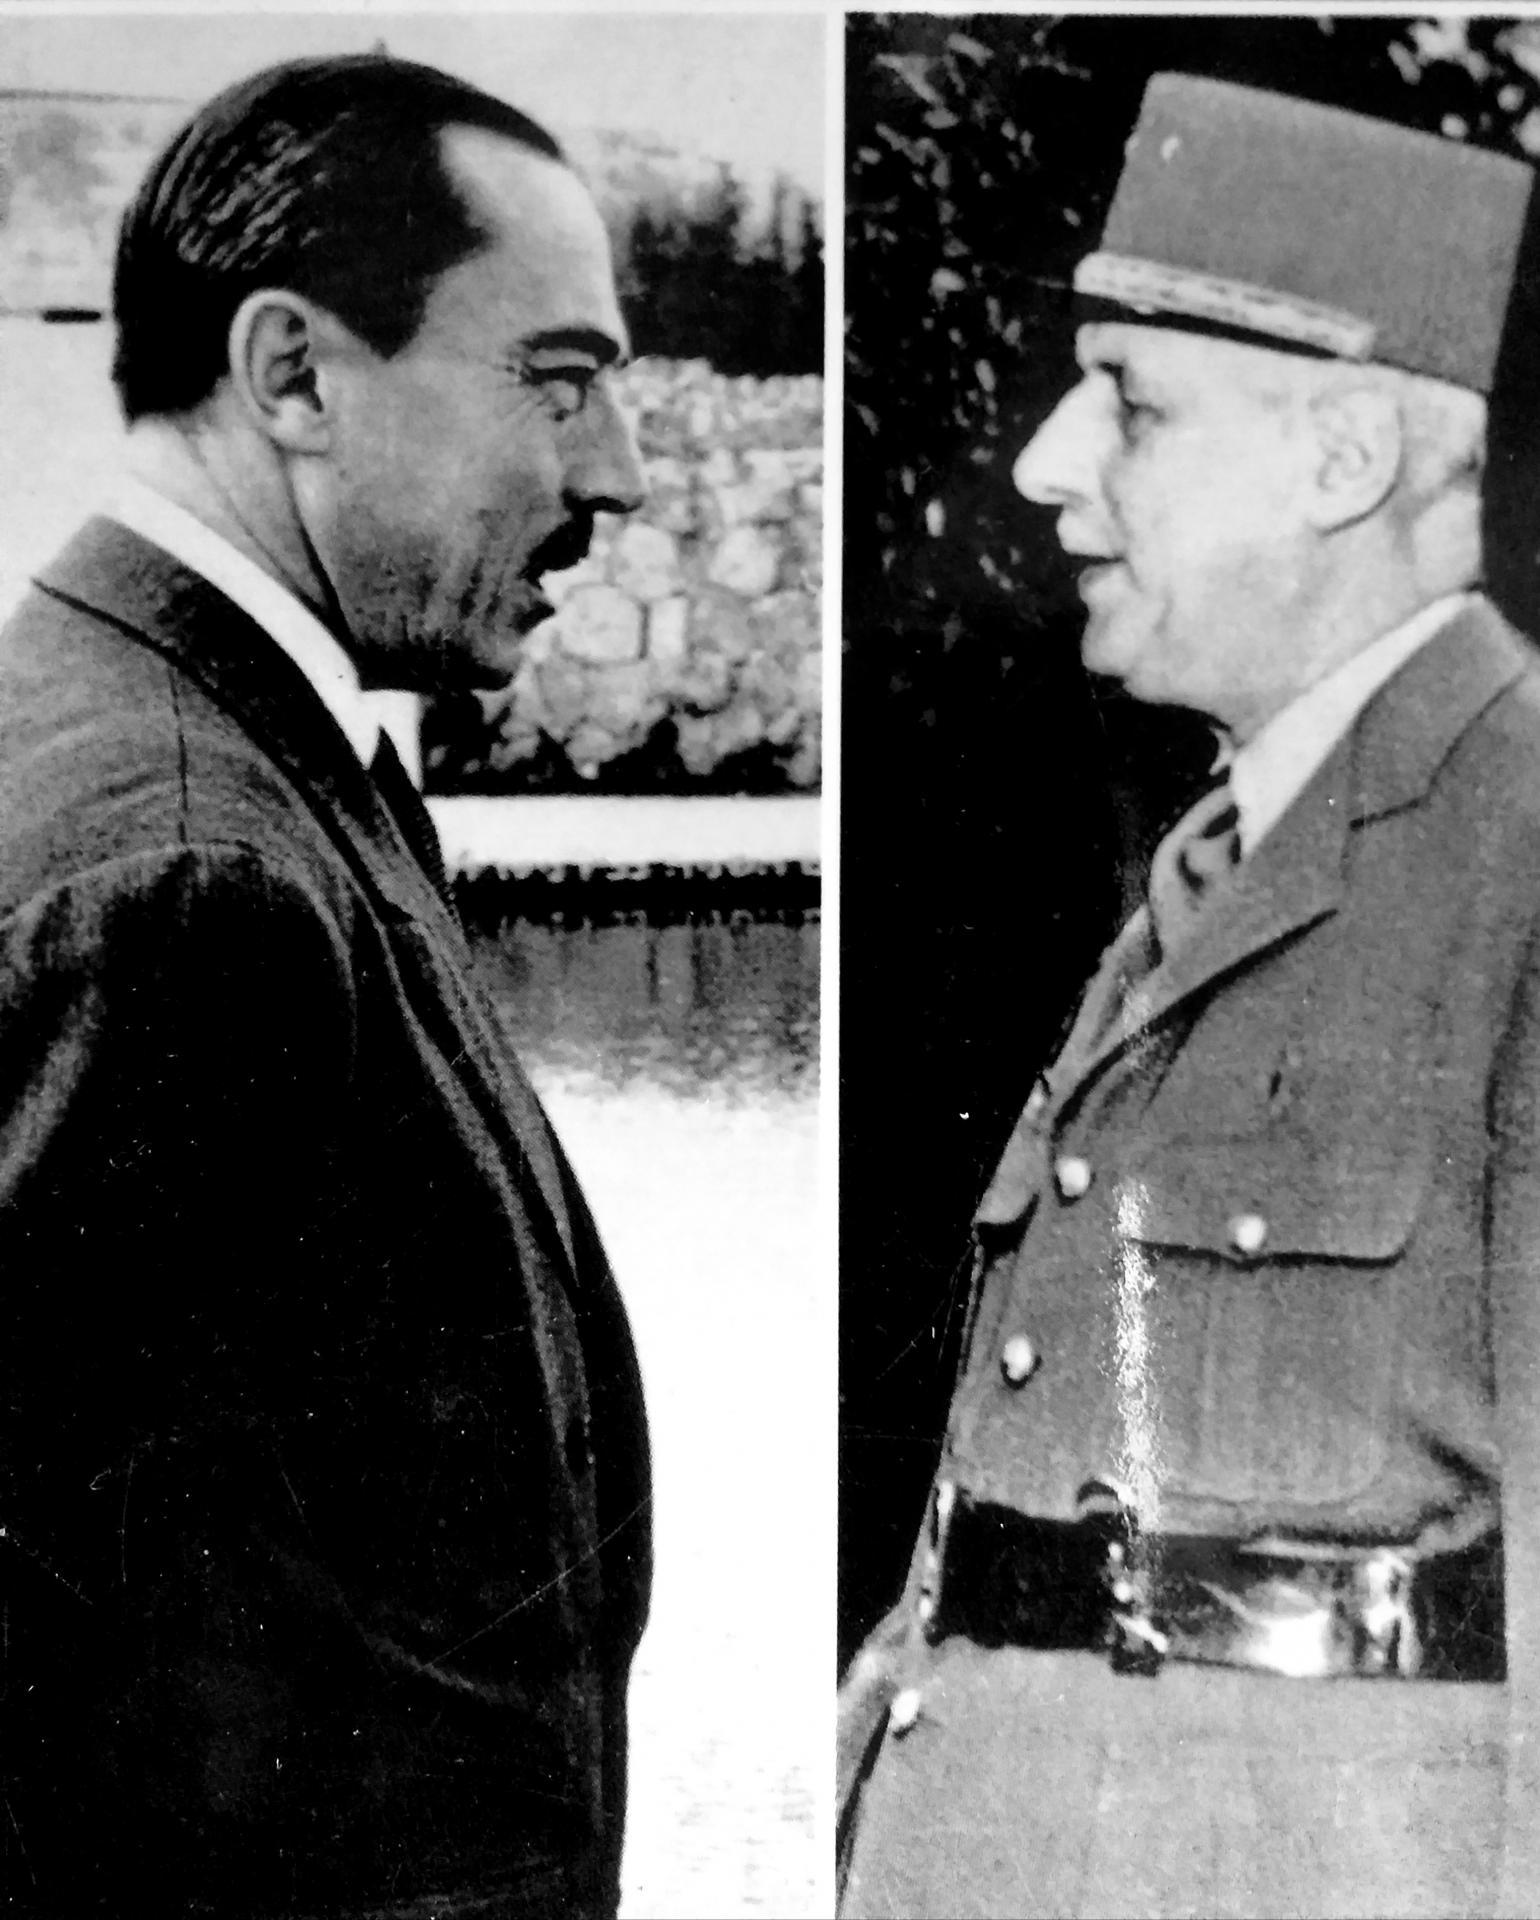 Le comte de paris et le general de gaulle